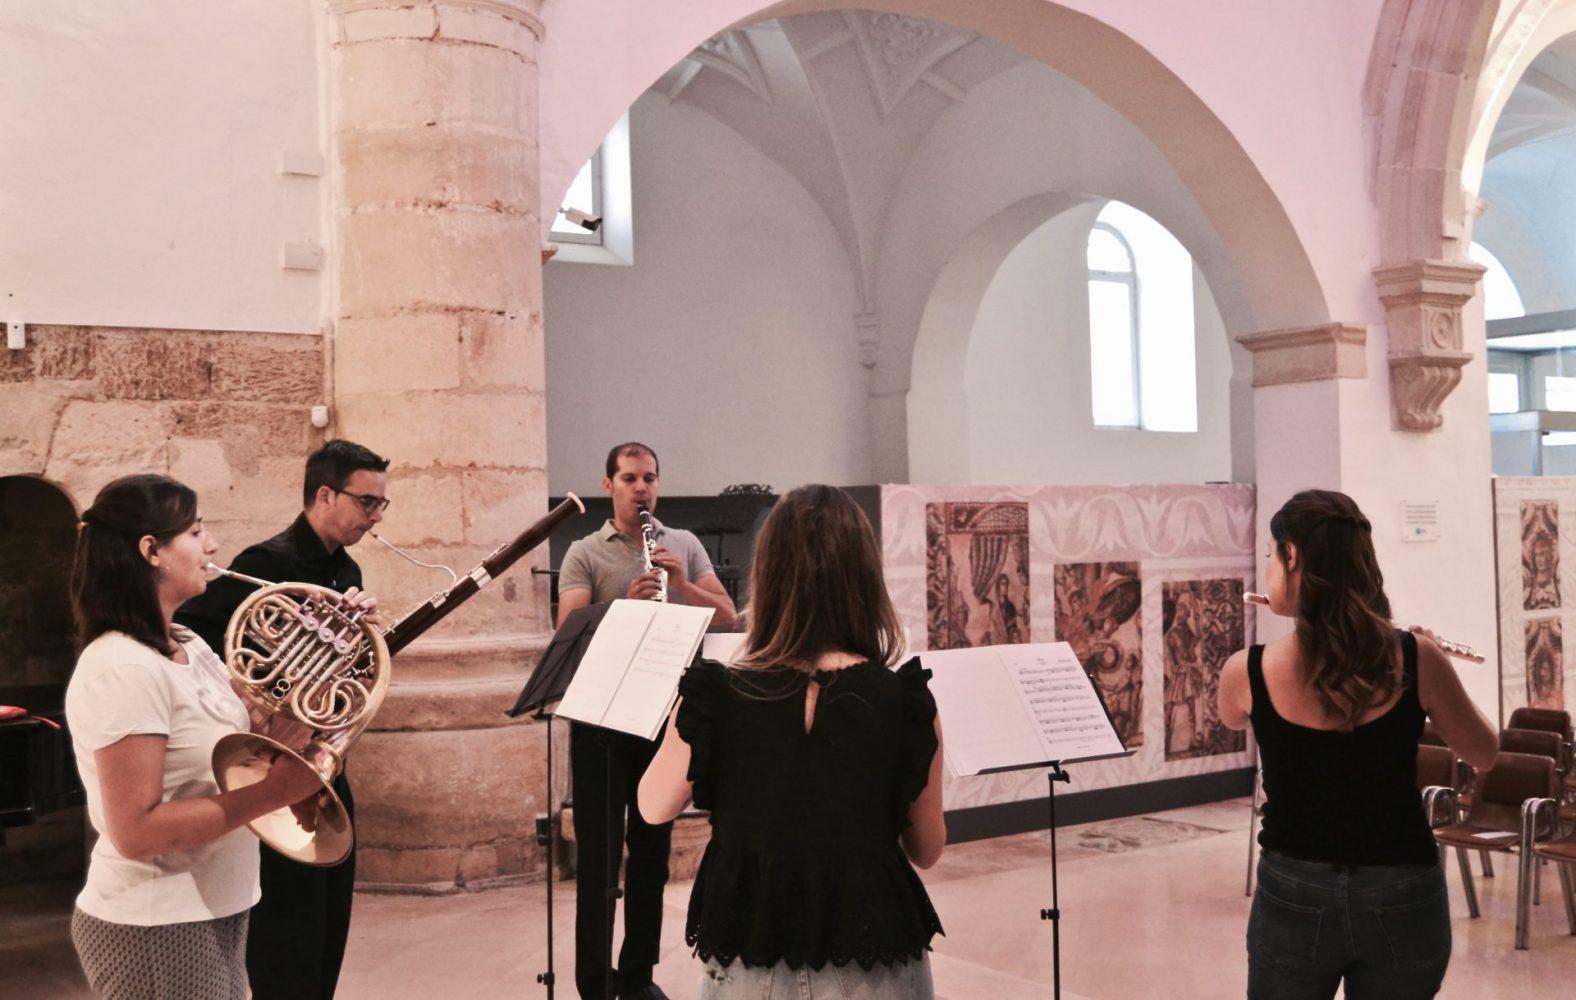 Música clásica en vivo para exposiciones en Saldaña